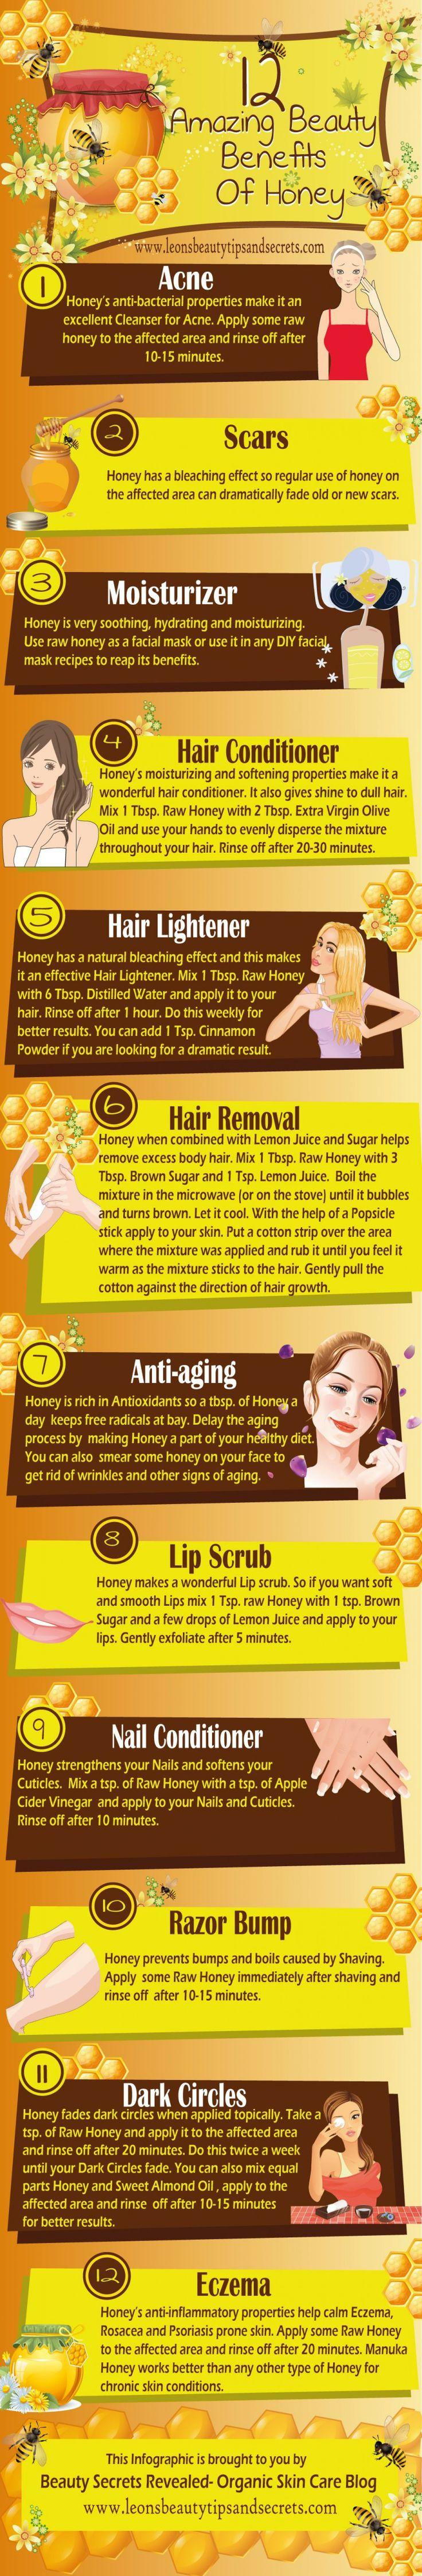 Amazing Benefits of Honey [Infographic]